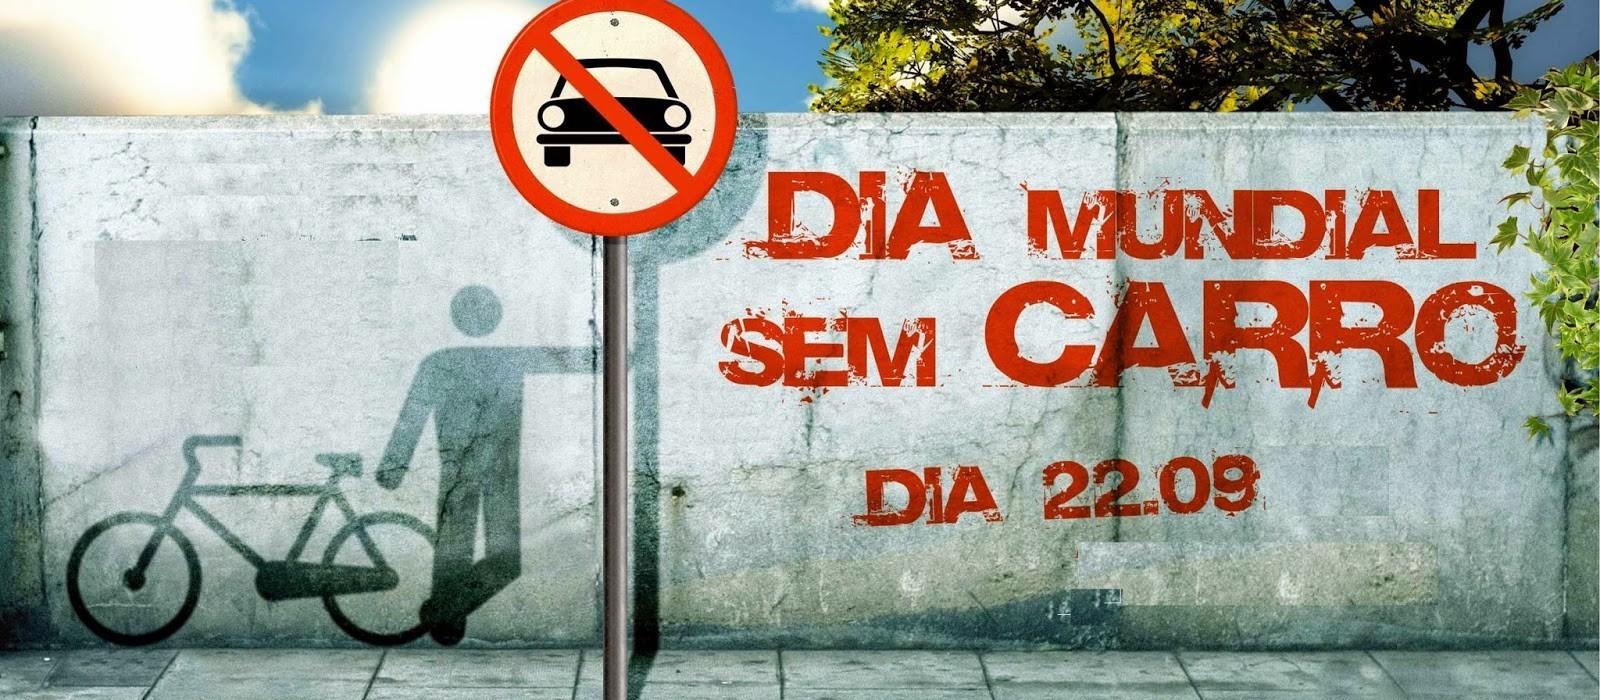 Nesse domingo (22) é celebrado o Dia Mundial Sem Carro